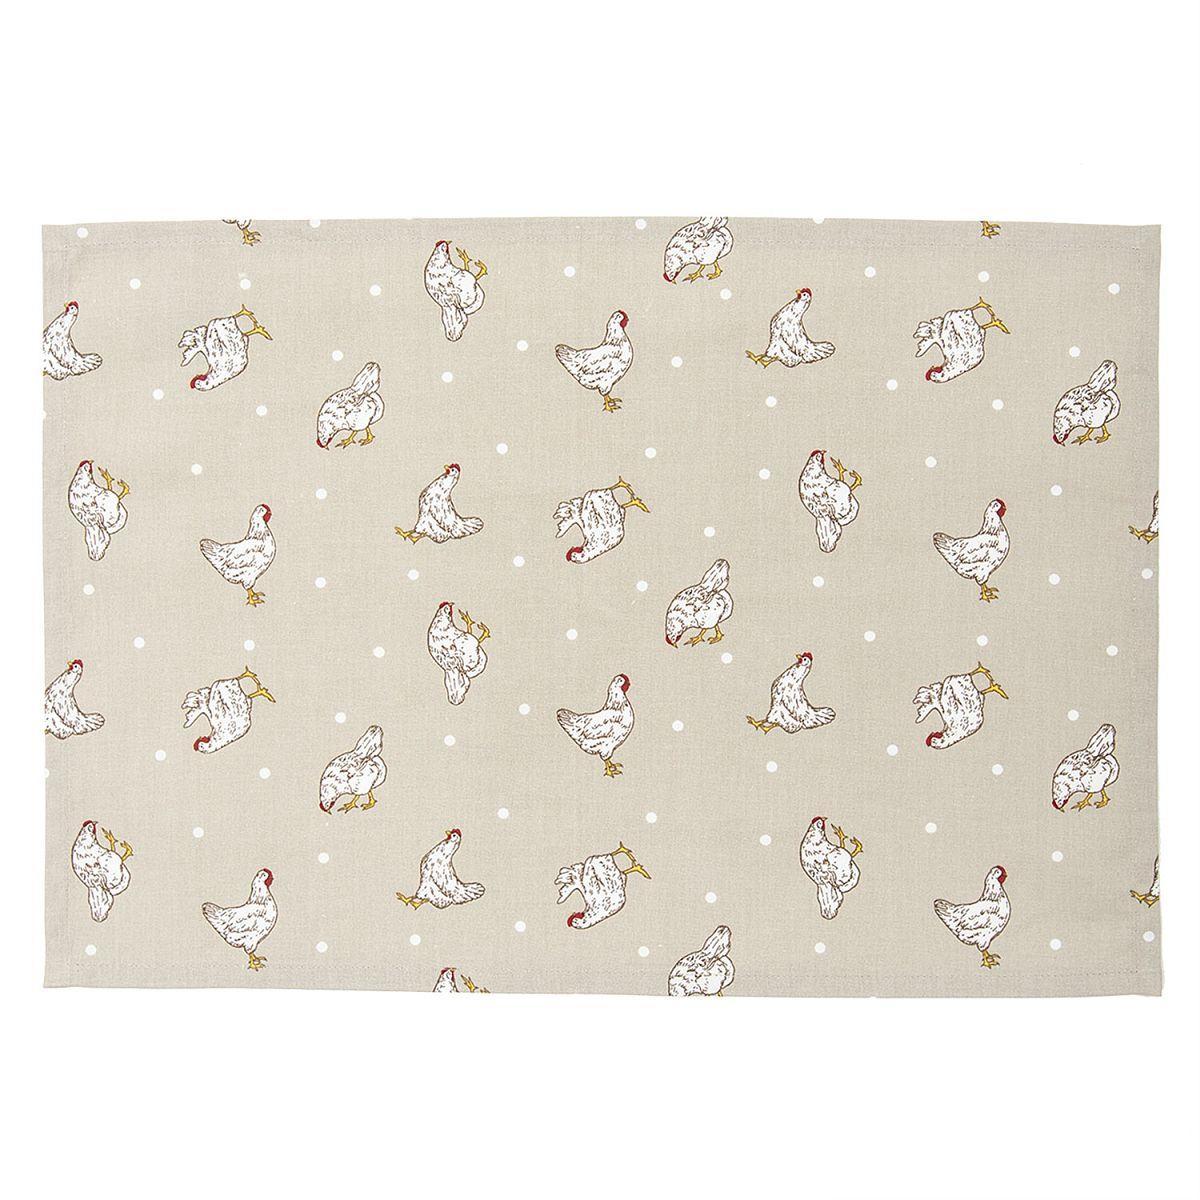 Textilní prostírání LITTLE CHICKEN 48*33 cm - sada 6 kusů